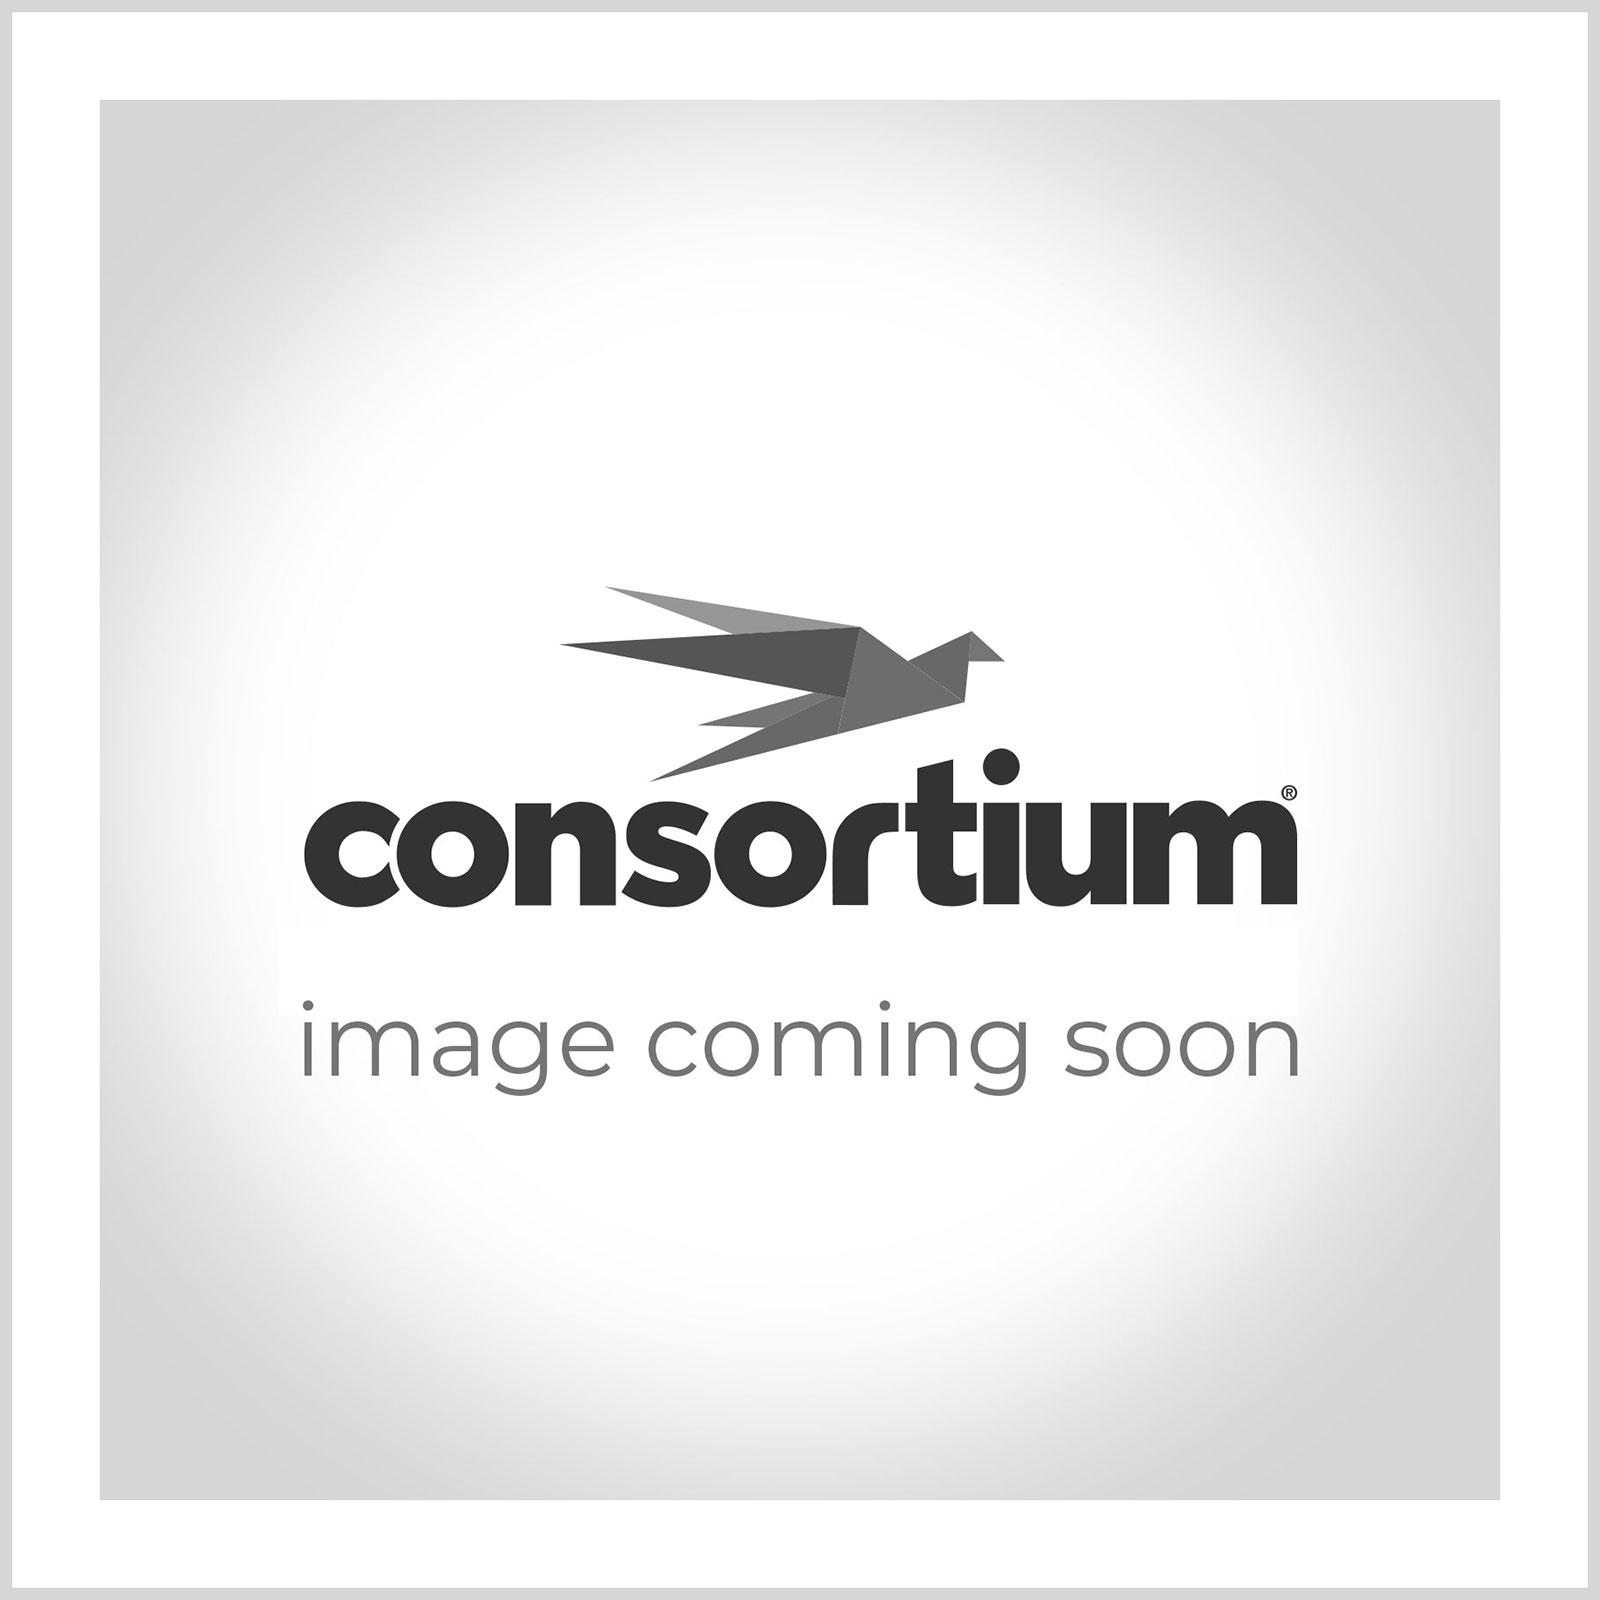 4 Shelf Hinged Bookcase